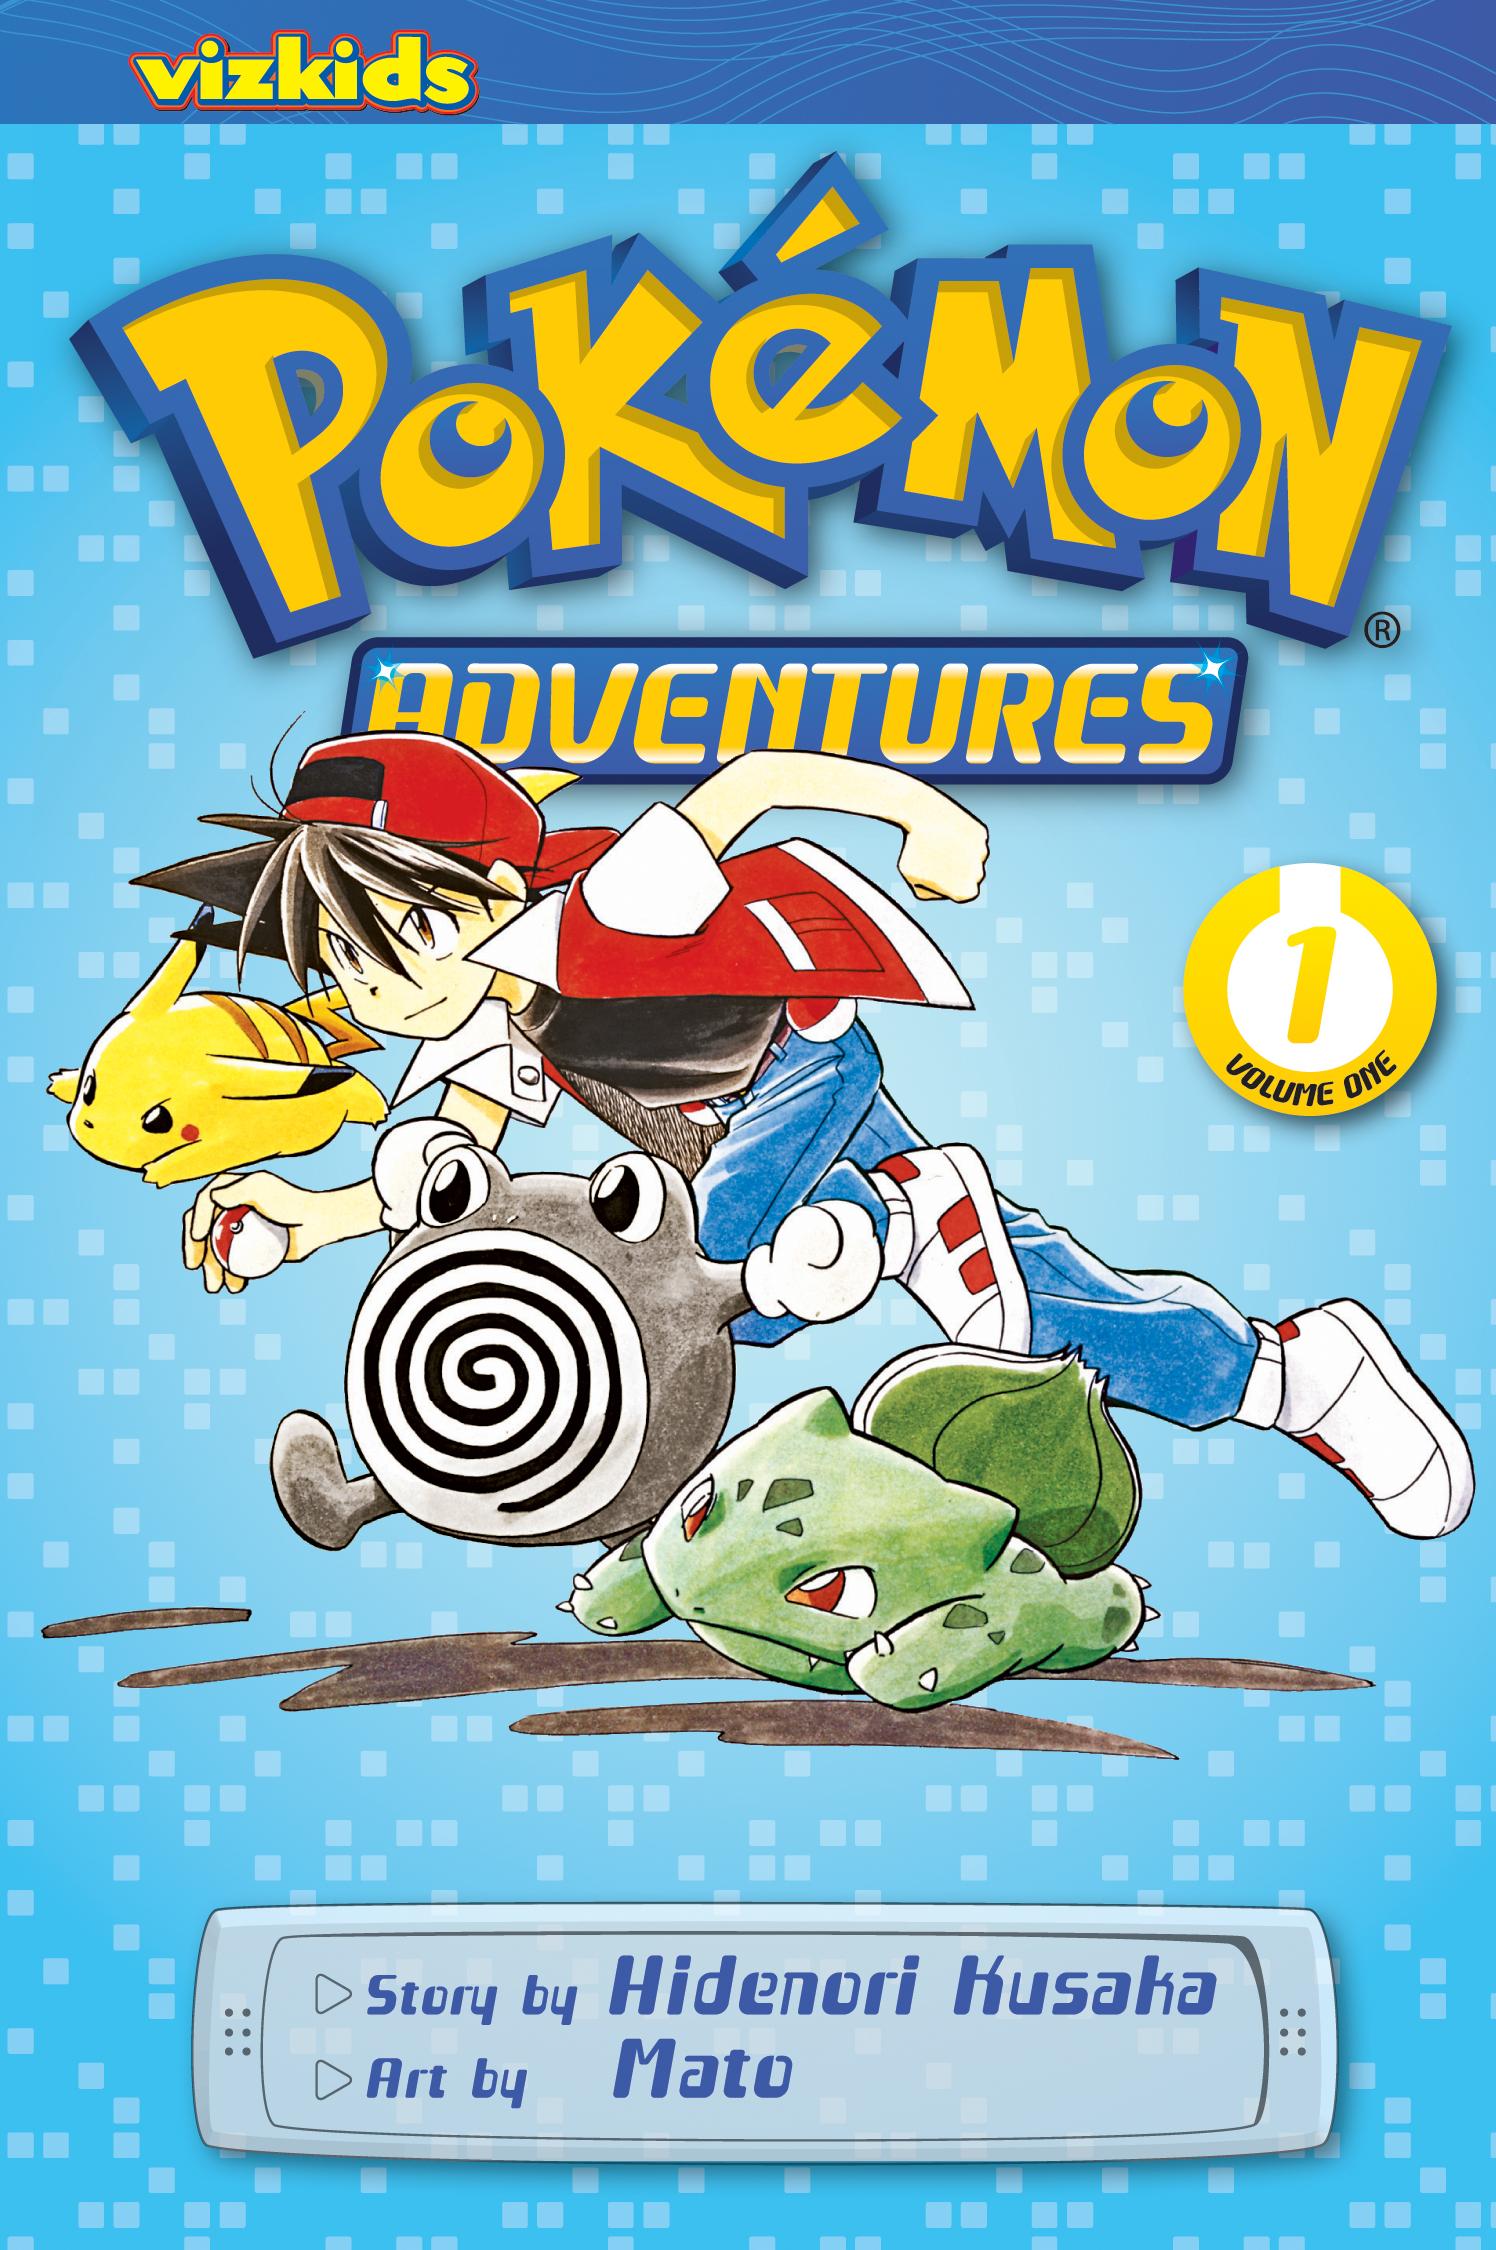 pokémon adventures pokémon wiki fandom powered by wikia